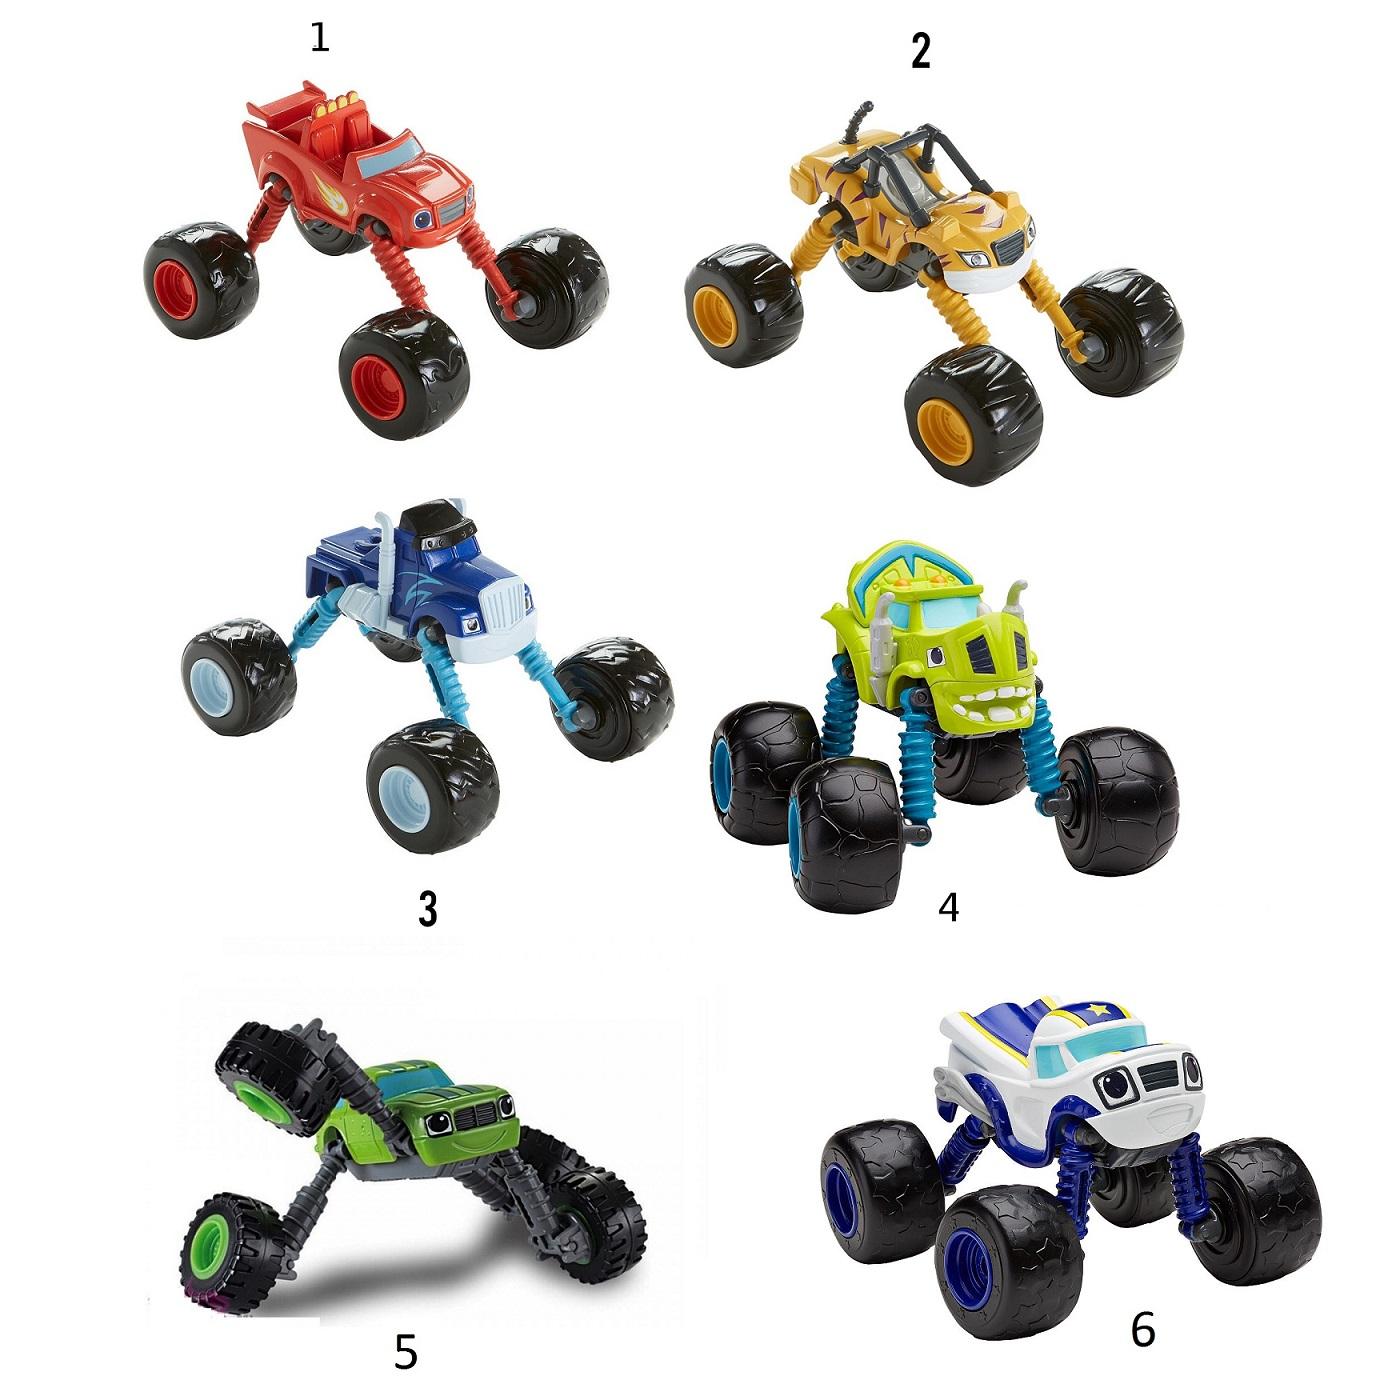 Машинки из серии Вспыш и чудо машинки, 6 видовВспыш и чудо-машинки<br>Машинки из серии Вспыш и чудо машинки, 6 видов<br>